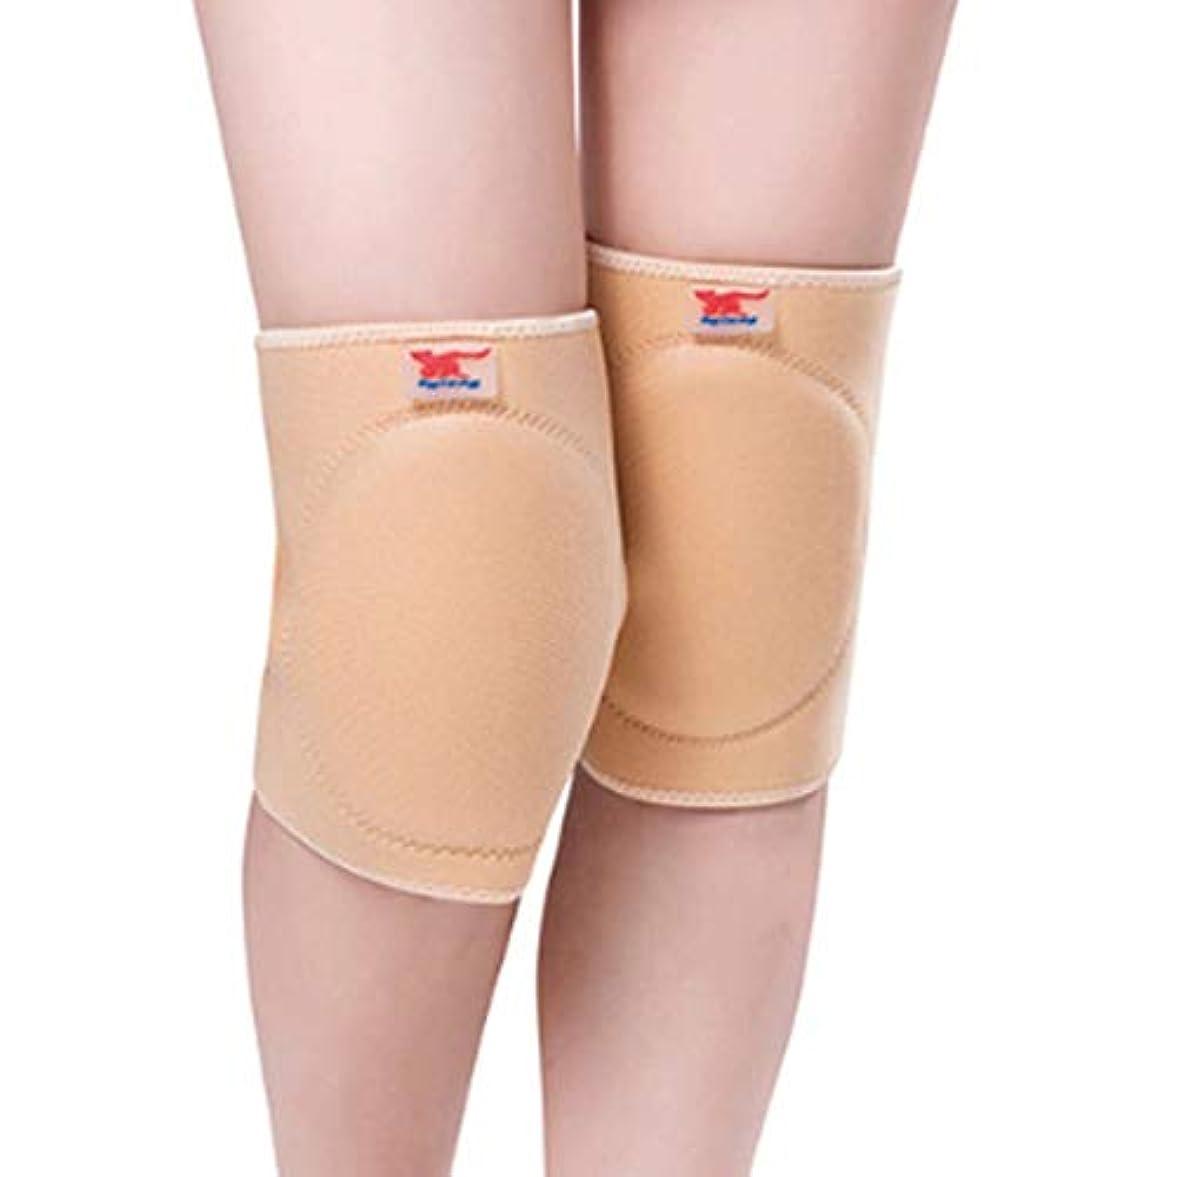 乱闘資本主義ステップ反膝パッドウール防止関節炎保温暖かい膝サポート通気性肥厚膝パッド安全膝ブレース